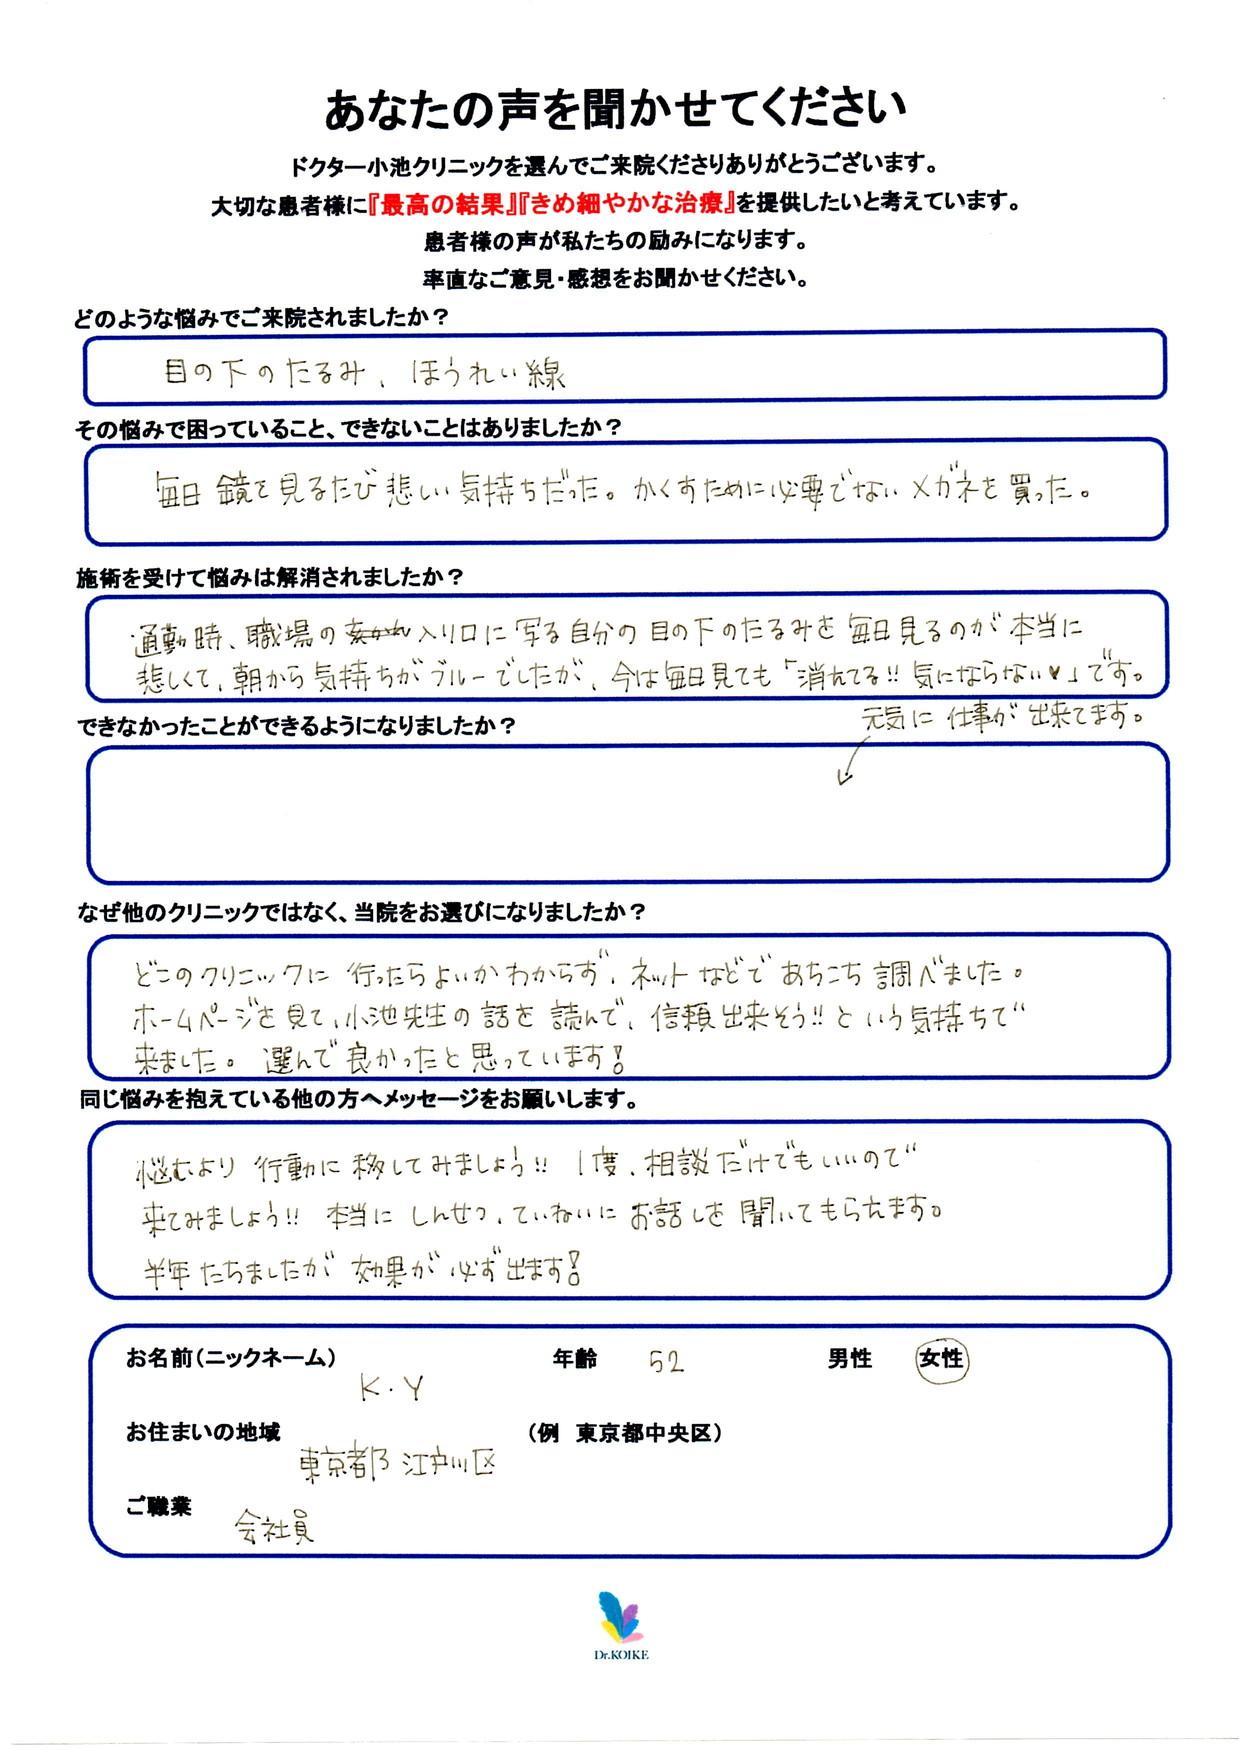 516. シワ・たるみ・目元・クマ